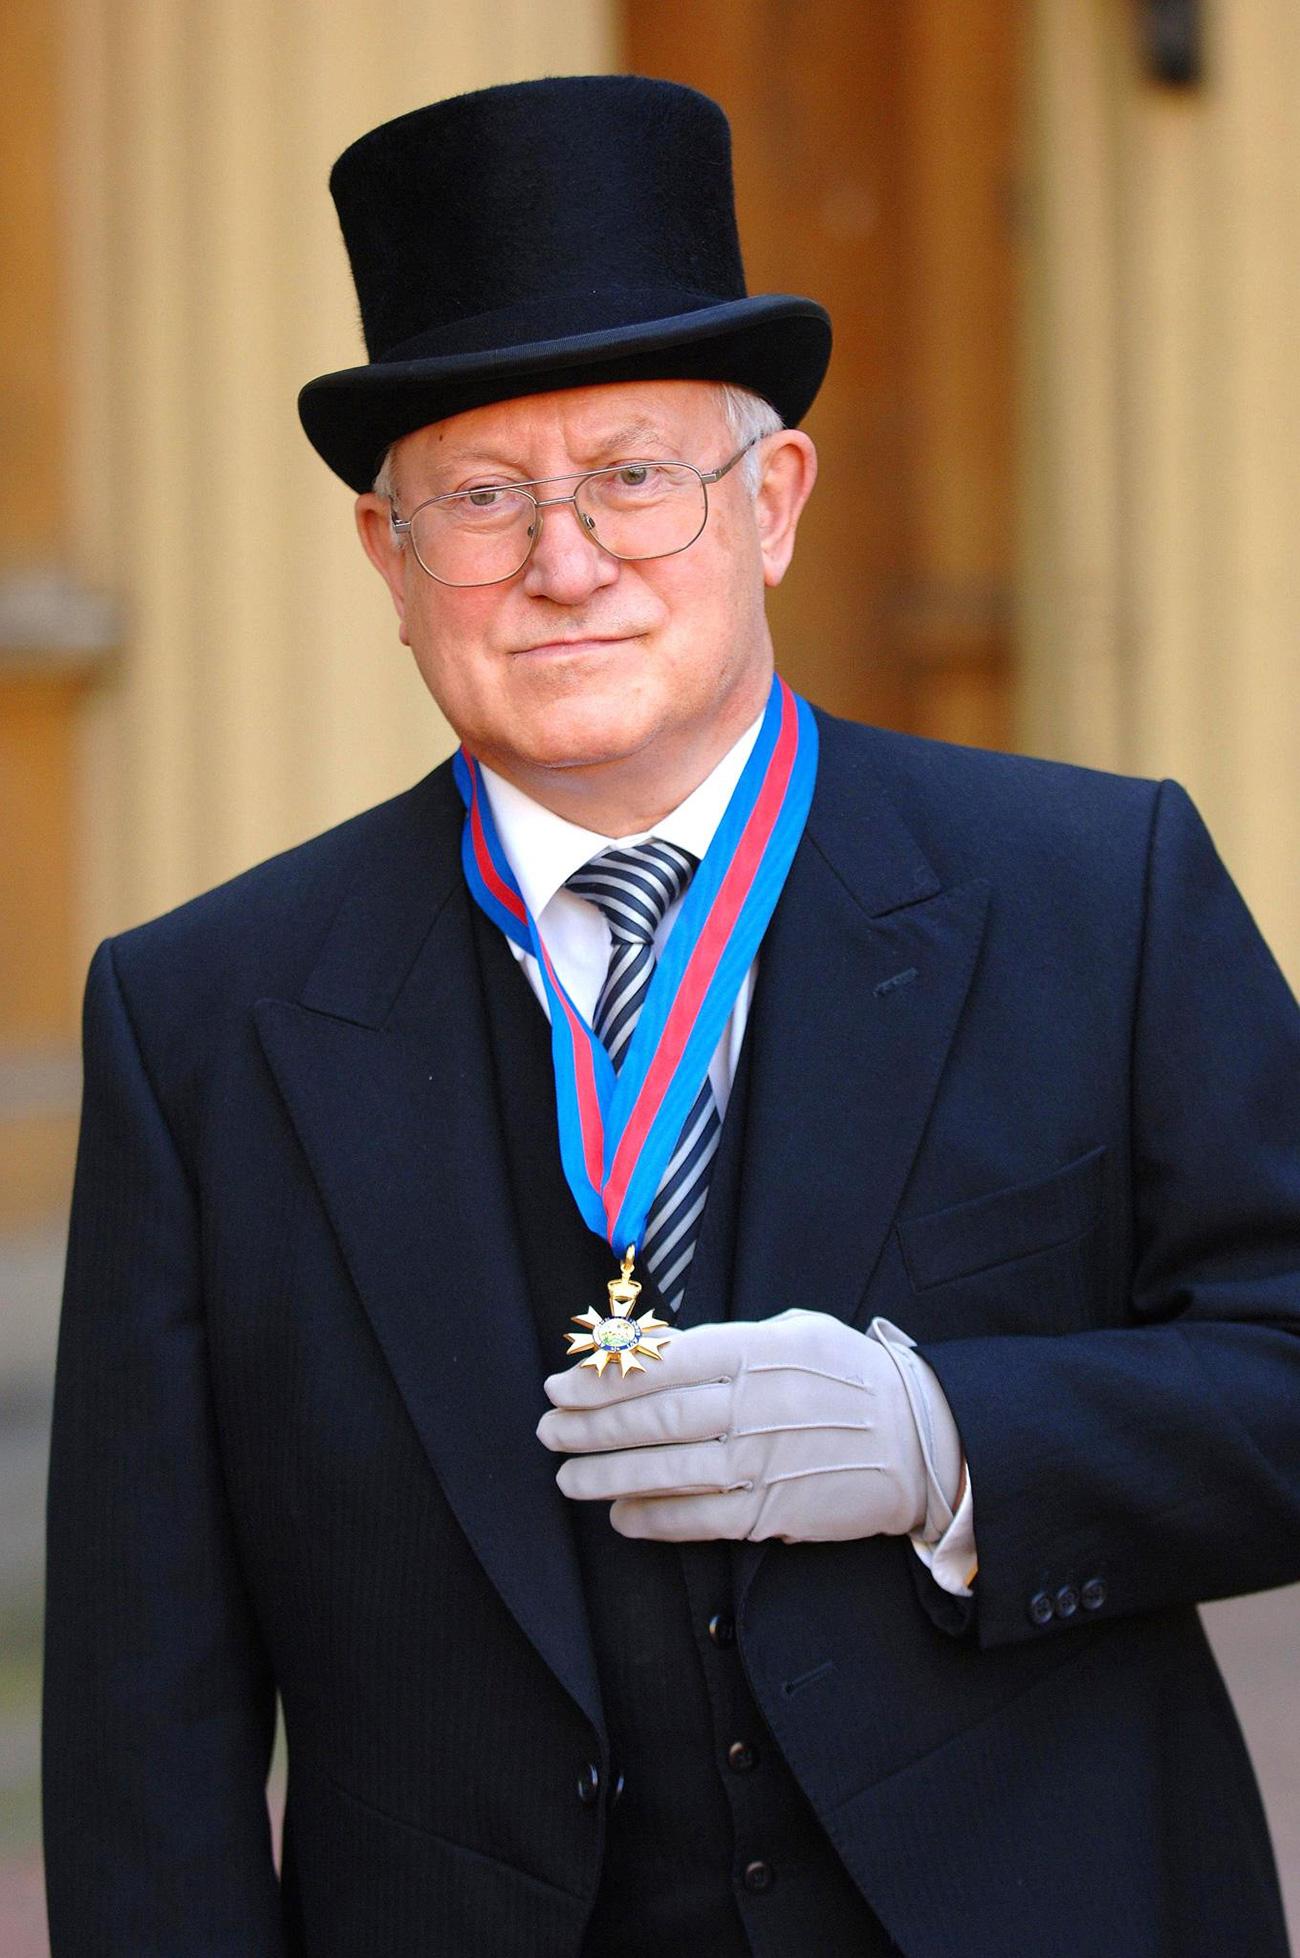 Бившият съветски шпионин Олег Гордиевски след церемонията по награждаването му с британския орден на Св. Св. Михаил и Георги от кралицата Елизабет в Бъкингамския дворец, Лондон, 17 октомври 2007 г. Снимка: Reuters